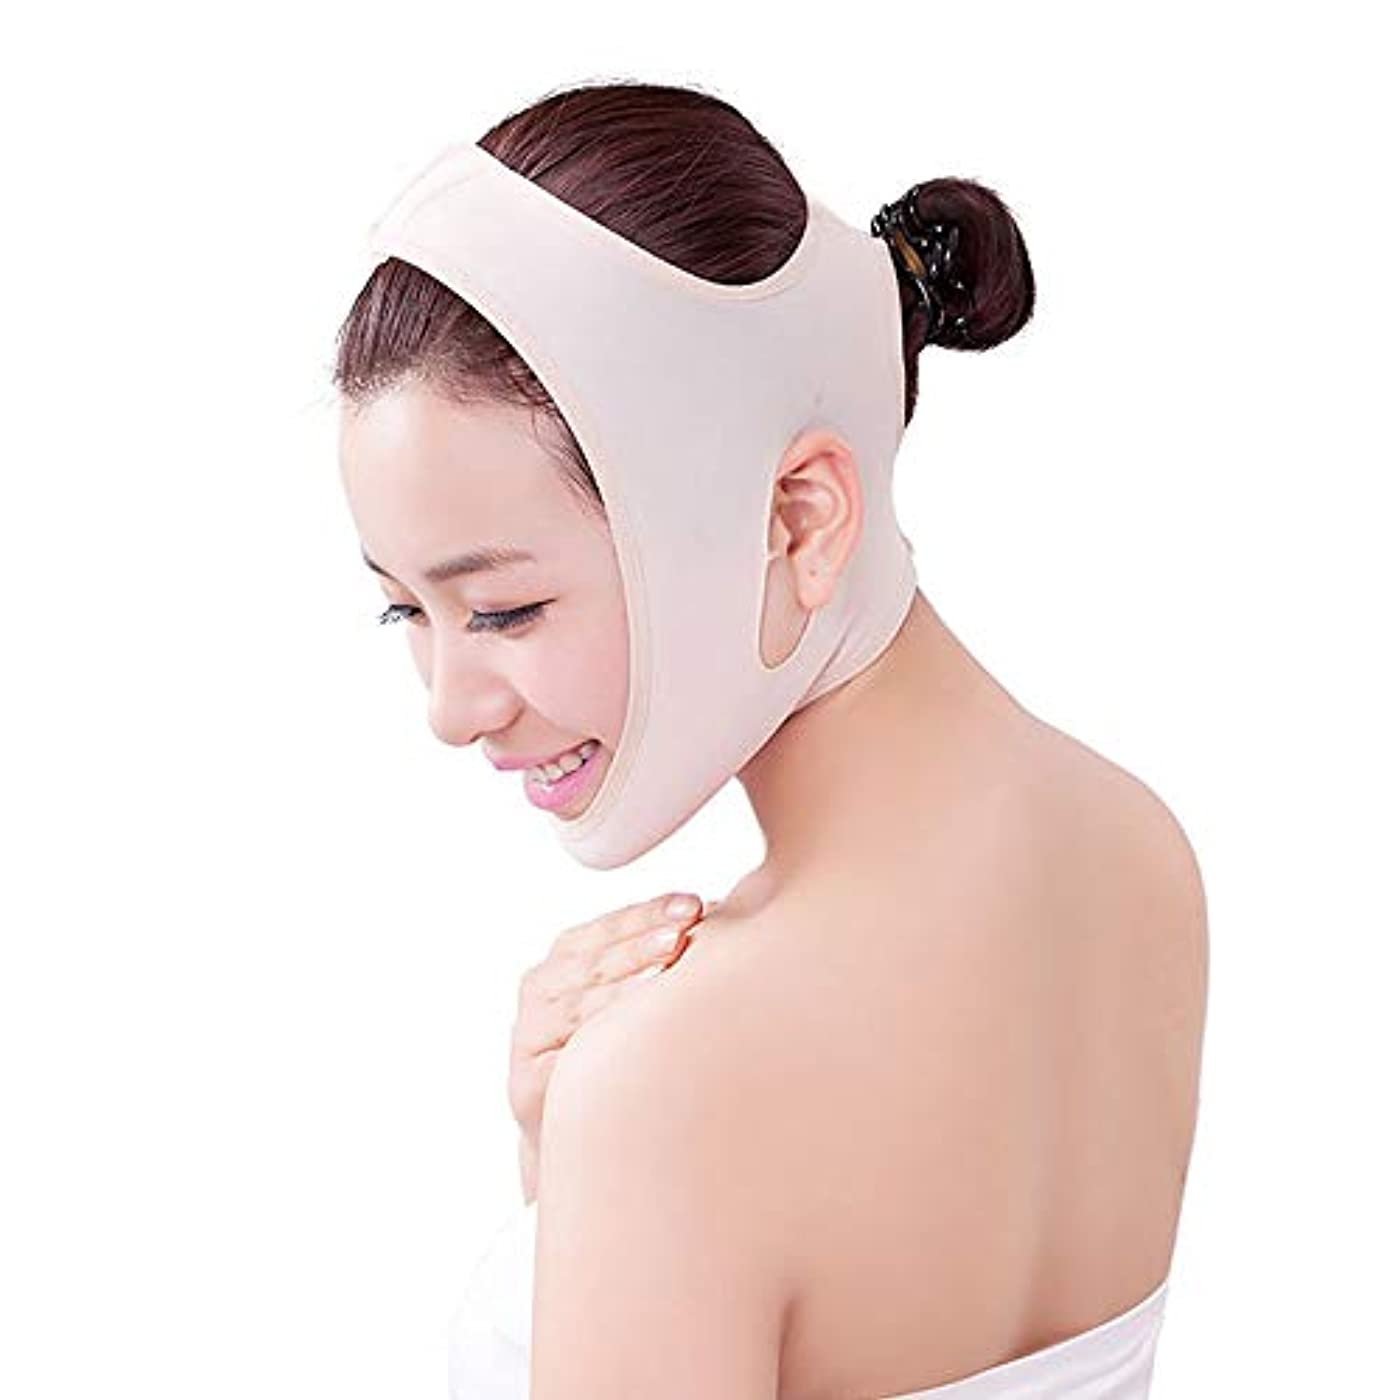 建てる対話さておきフェイスリフティング包帯、ダブルチンリフト、法律、男性用および女性用マスクへの固着、vフェイスマスク,XL